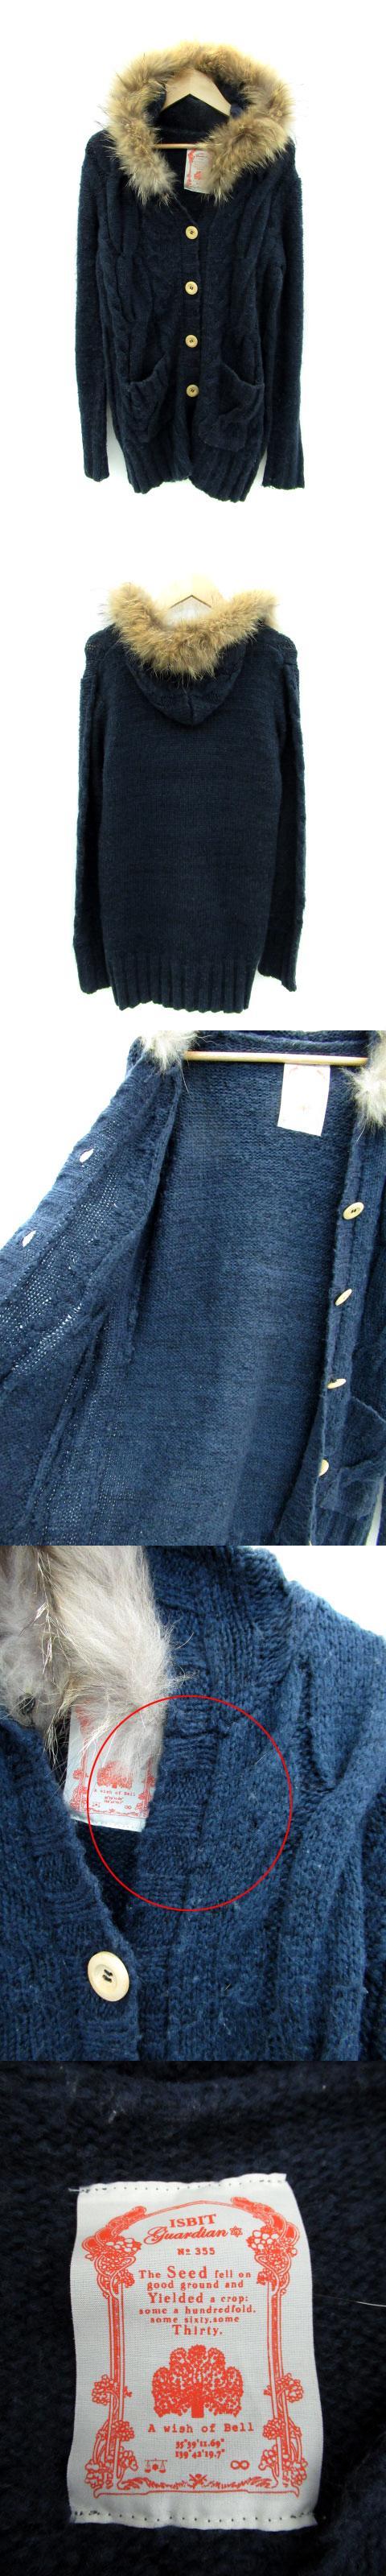 カーディガン ニット セーター ラクーン ファー フード付き F 紺 ネイビー /MS2